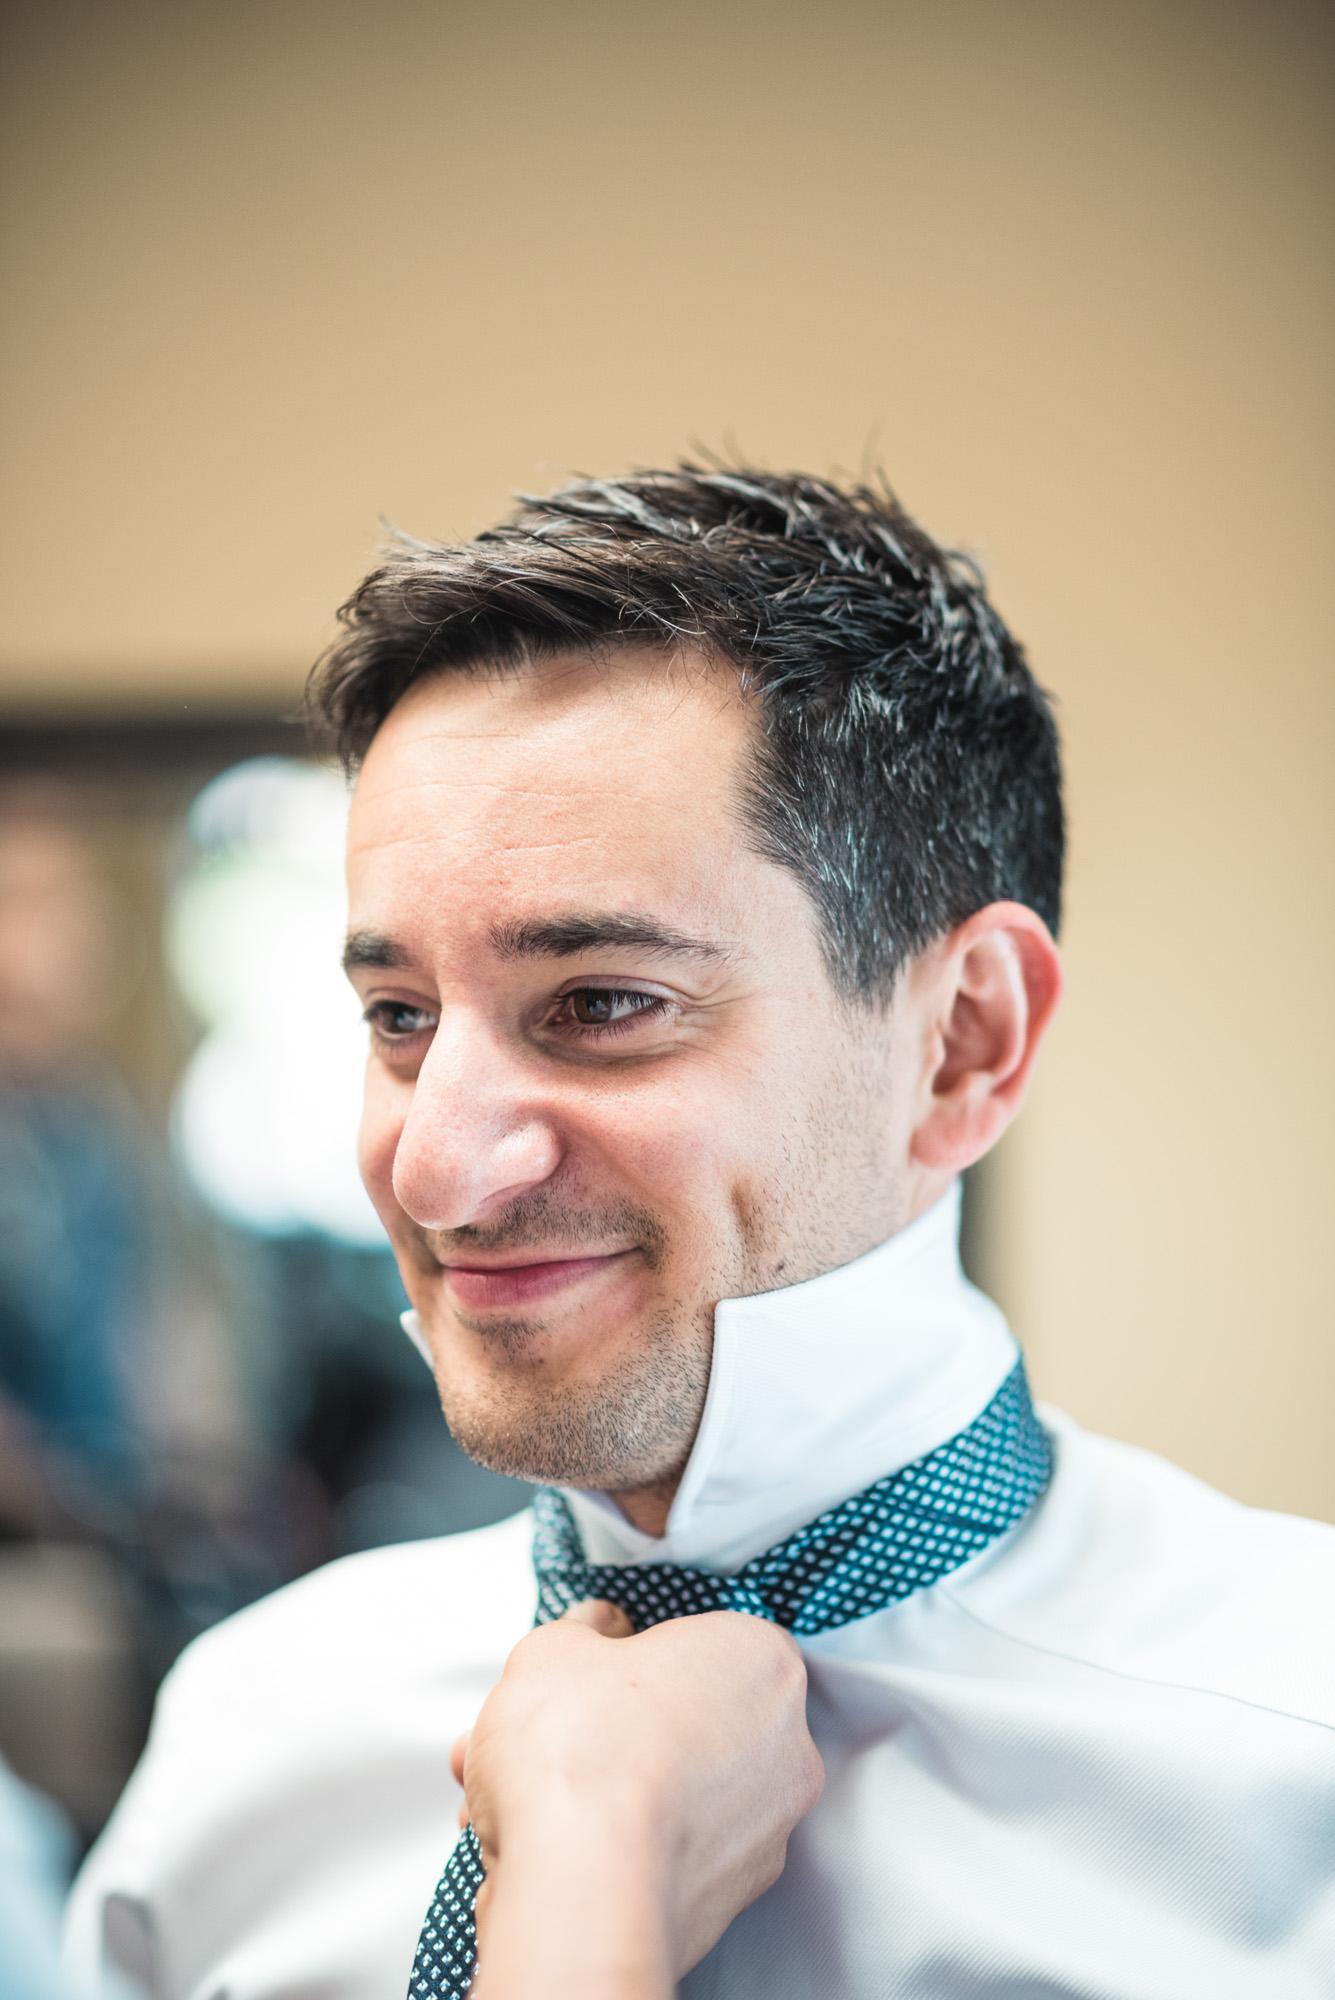 Groom tie prep